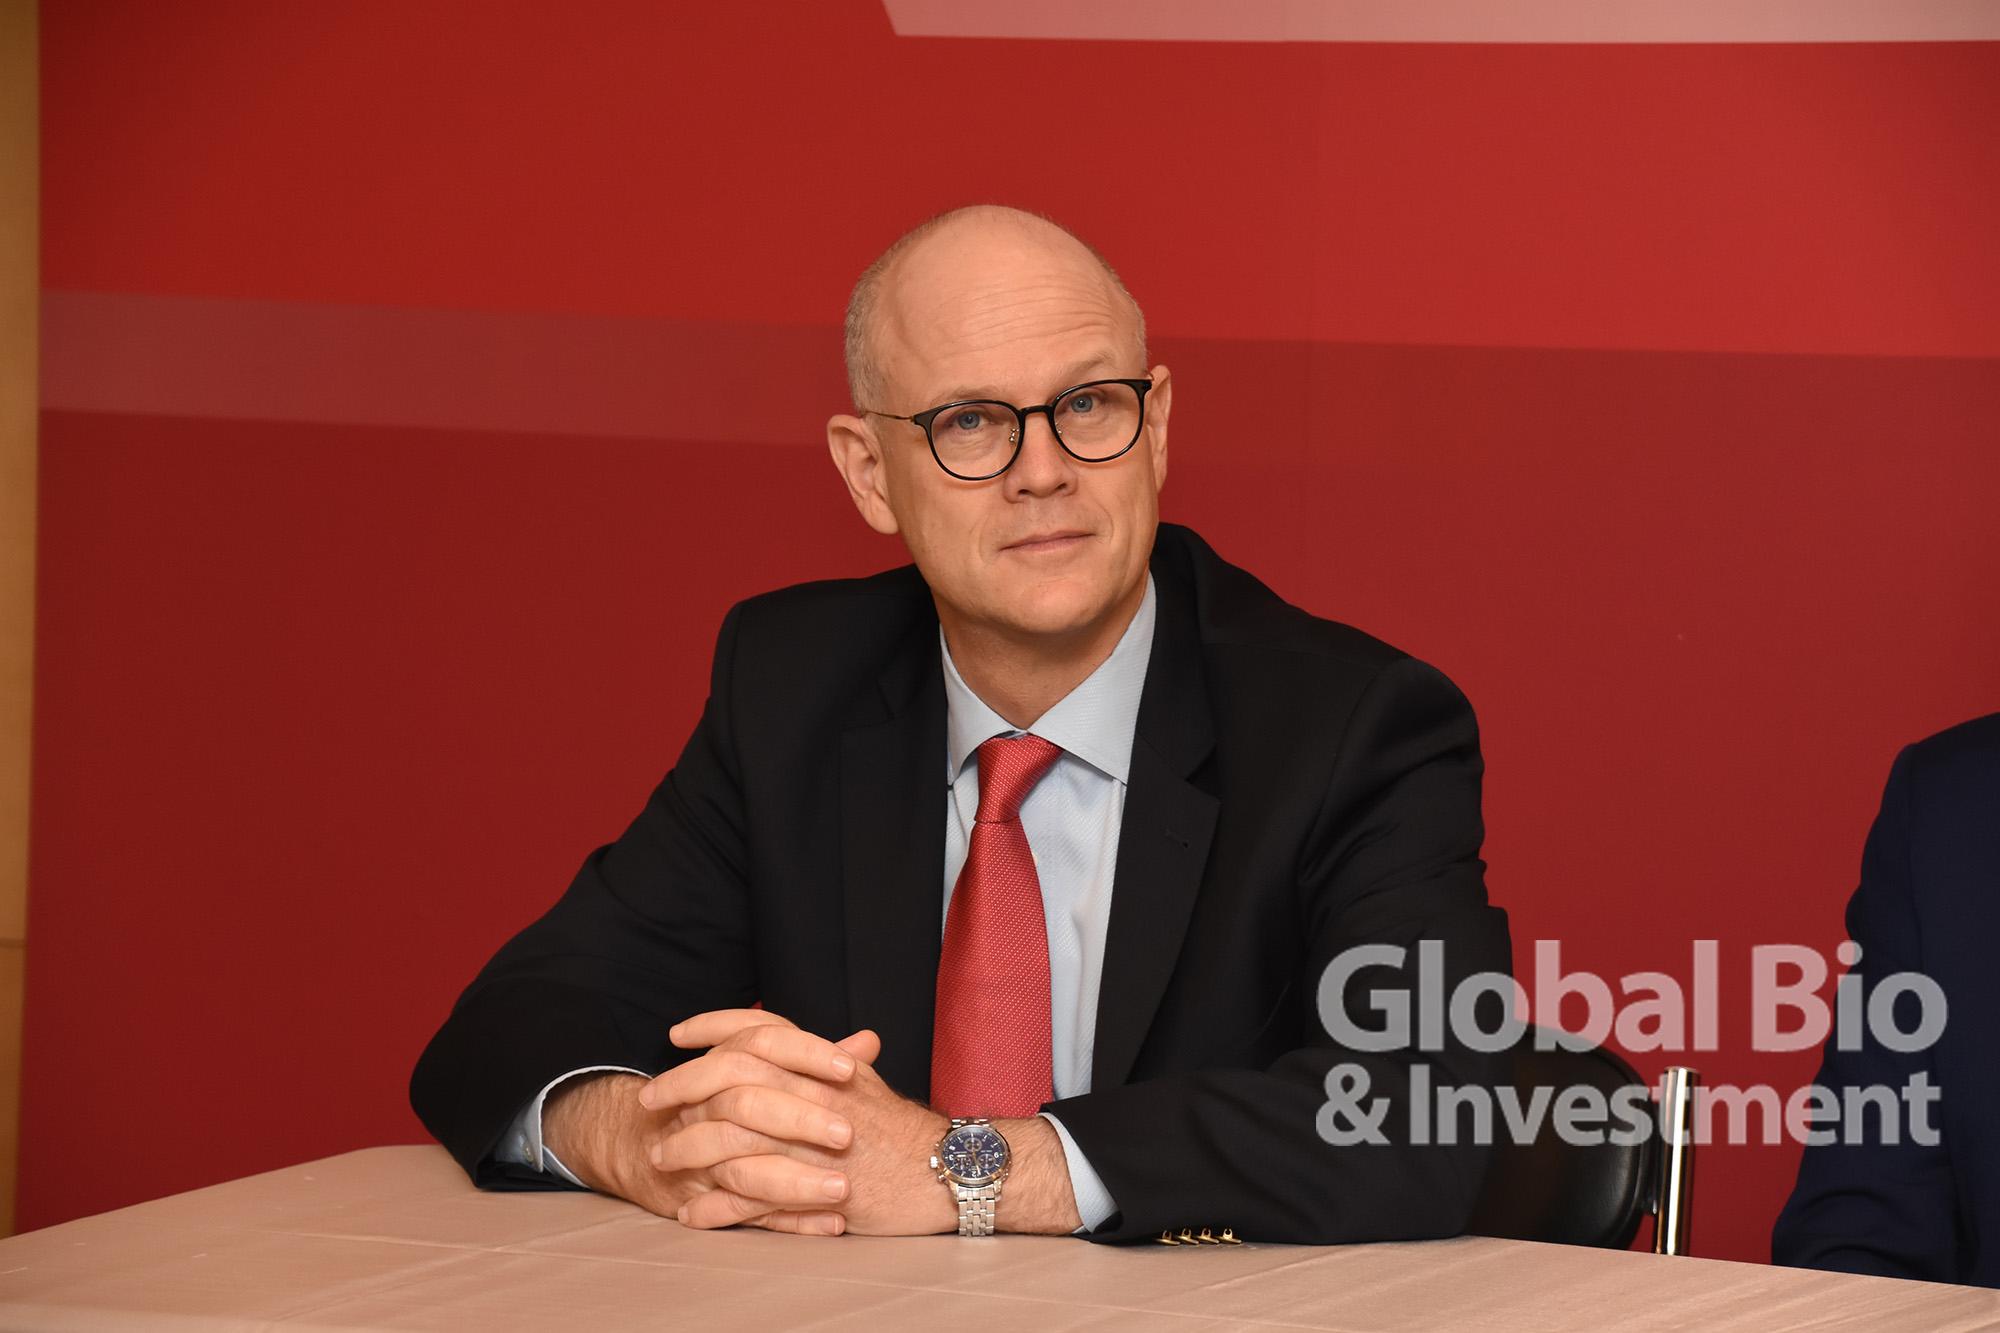 瑞士商務辦事處處長傅瑞(Rolf Frei)。(攝影:林嘉慶)